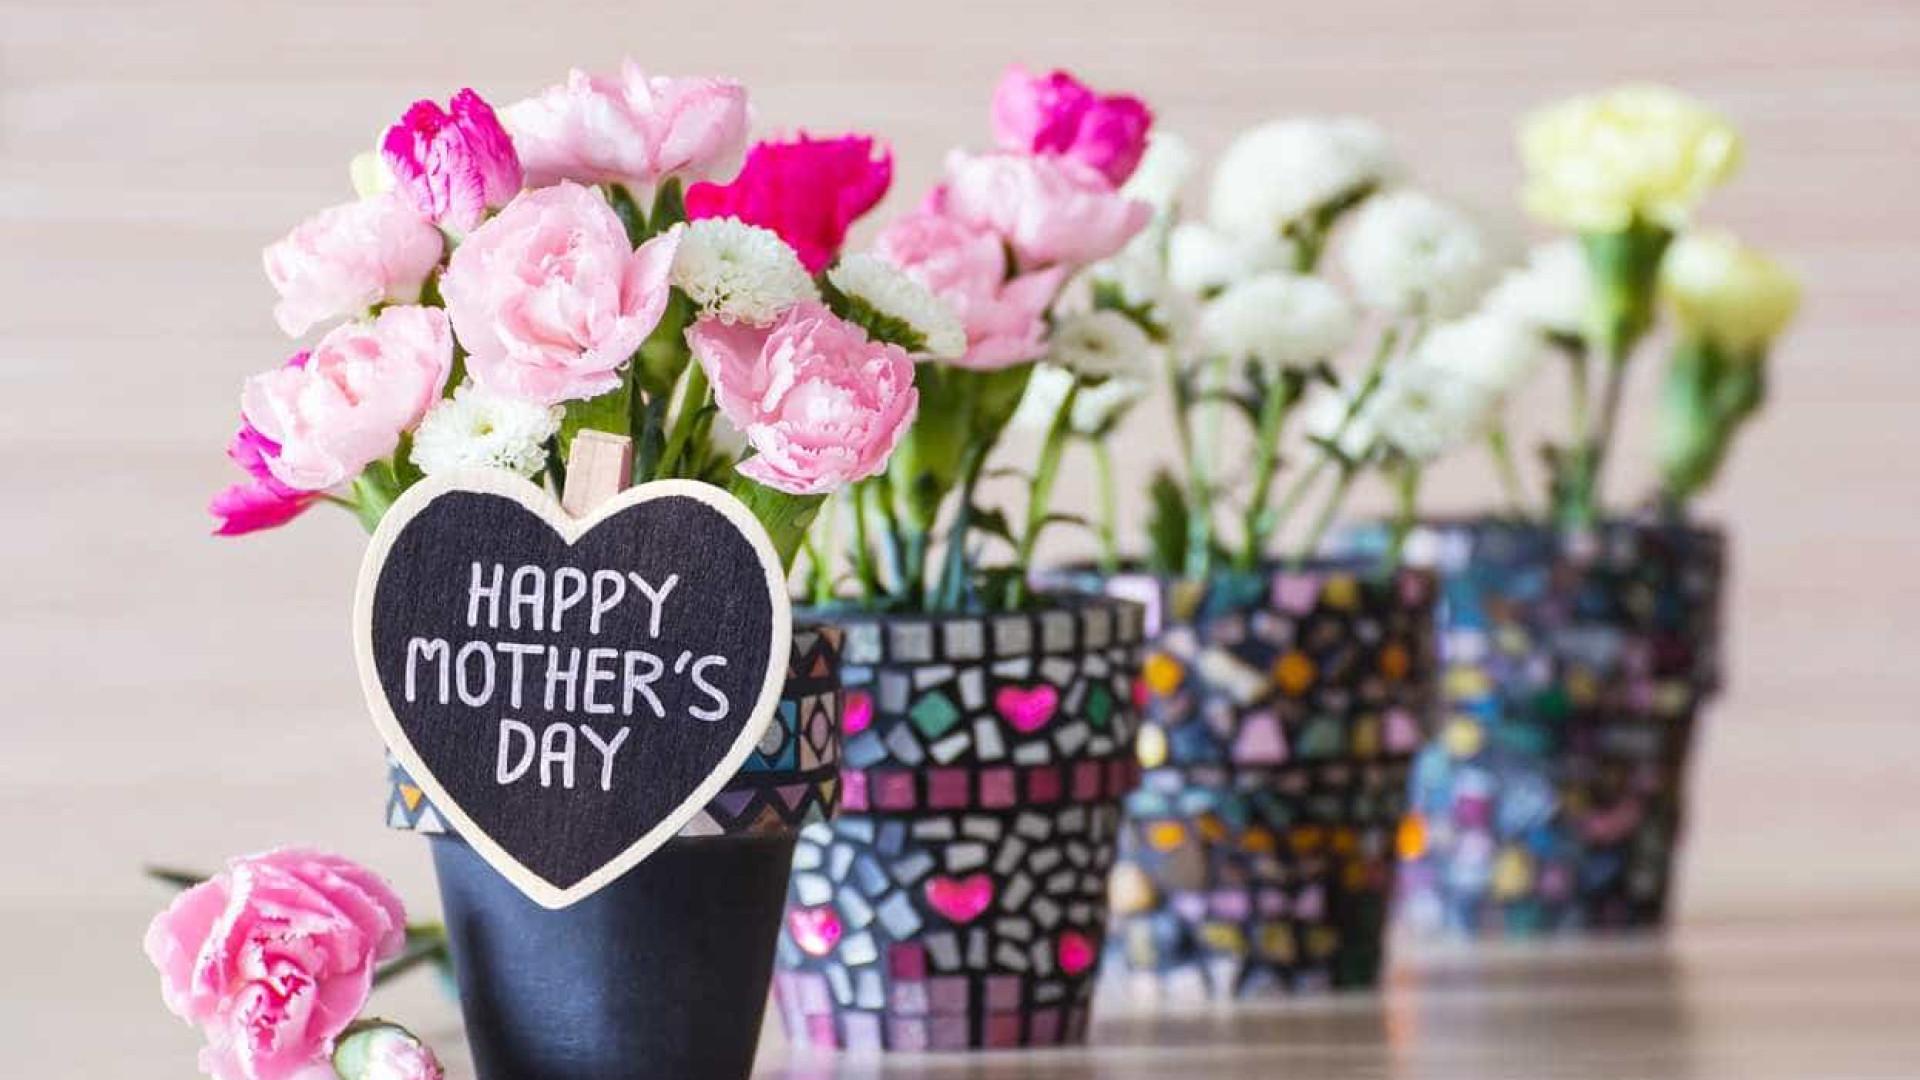 Foi a perda de uma mãe que deu (em parte) origem à celebração de todas